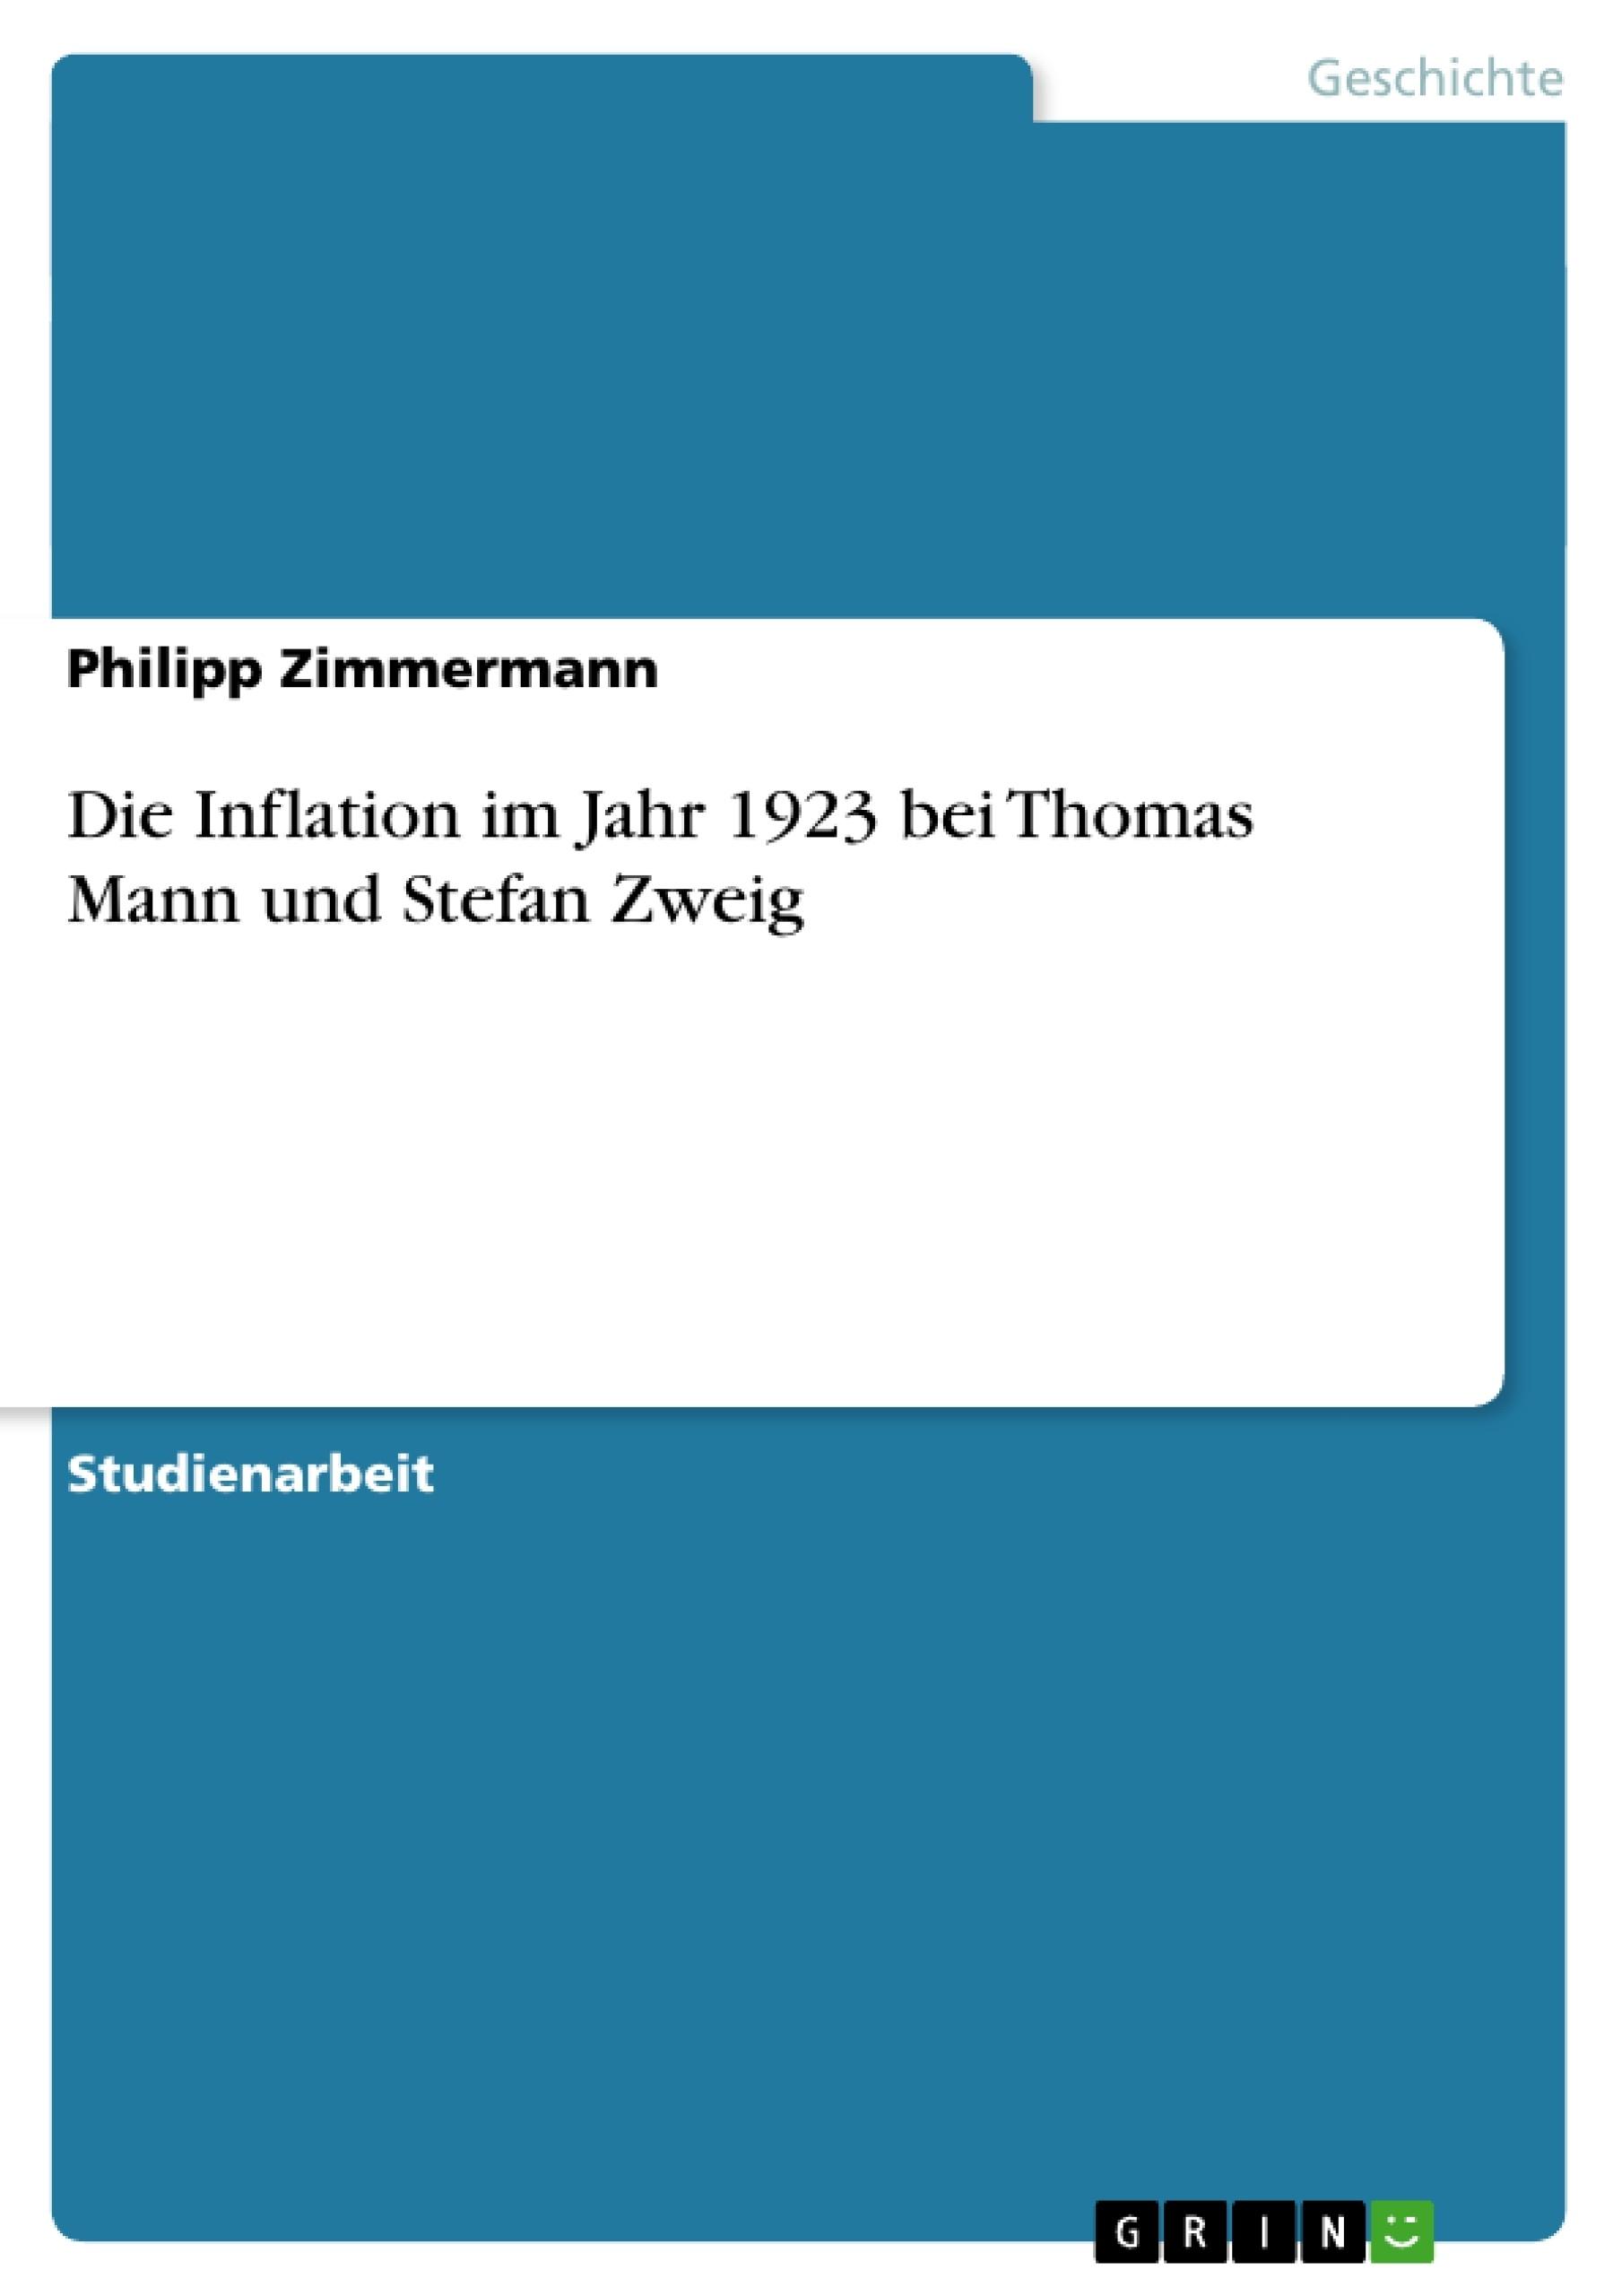 Titel: Die Inflation im Jahr 1923 bei Thomas Mann und Stefan Zweig